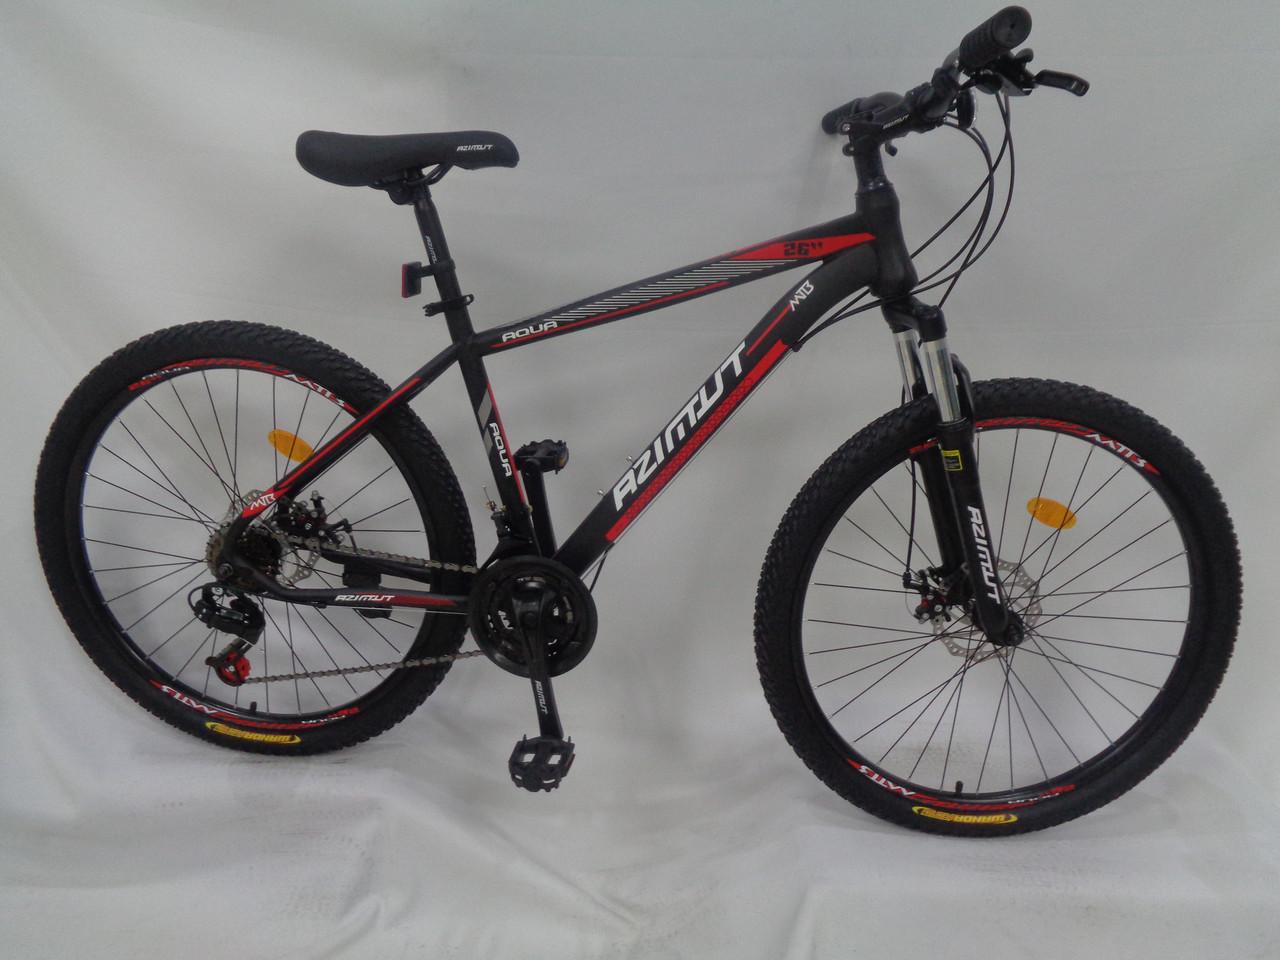 Спортивный горный велосипед 26 дюймов Azimut Aqua D 17 рама черно-красный